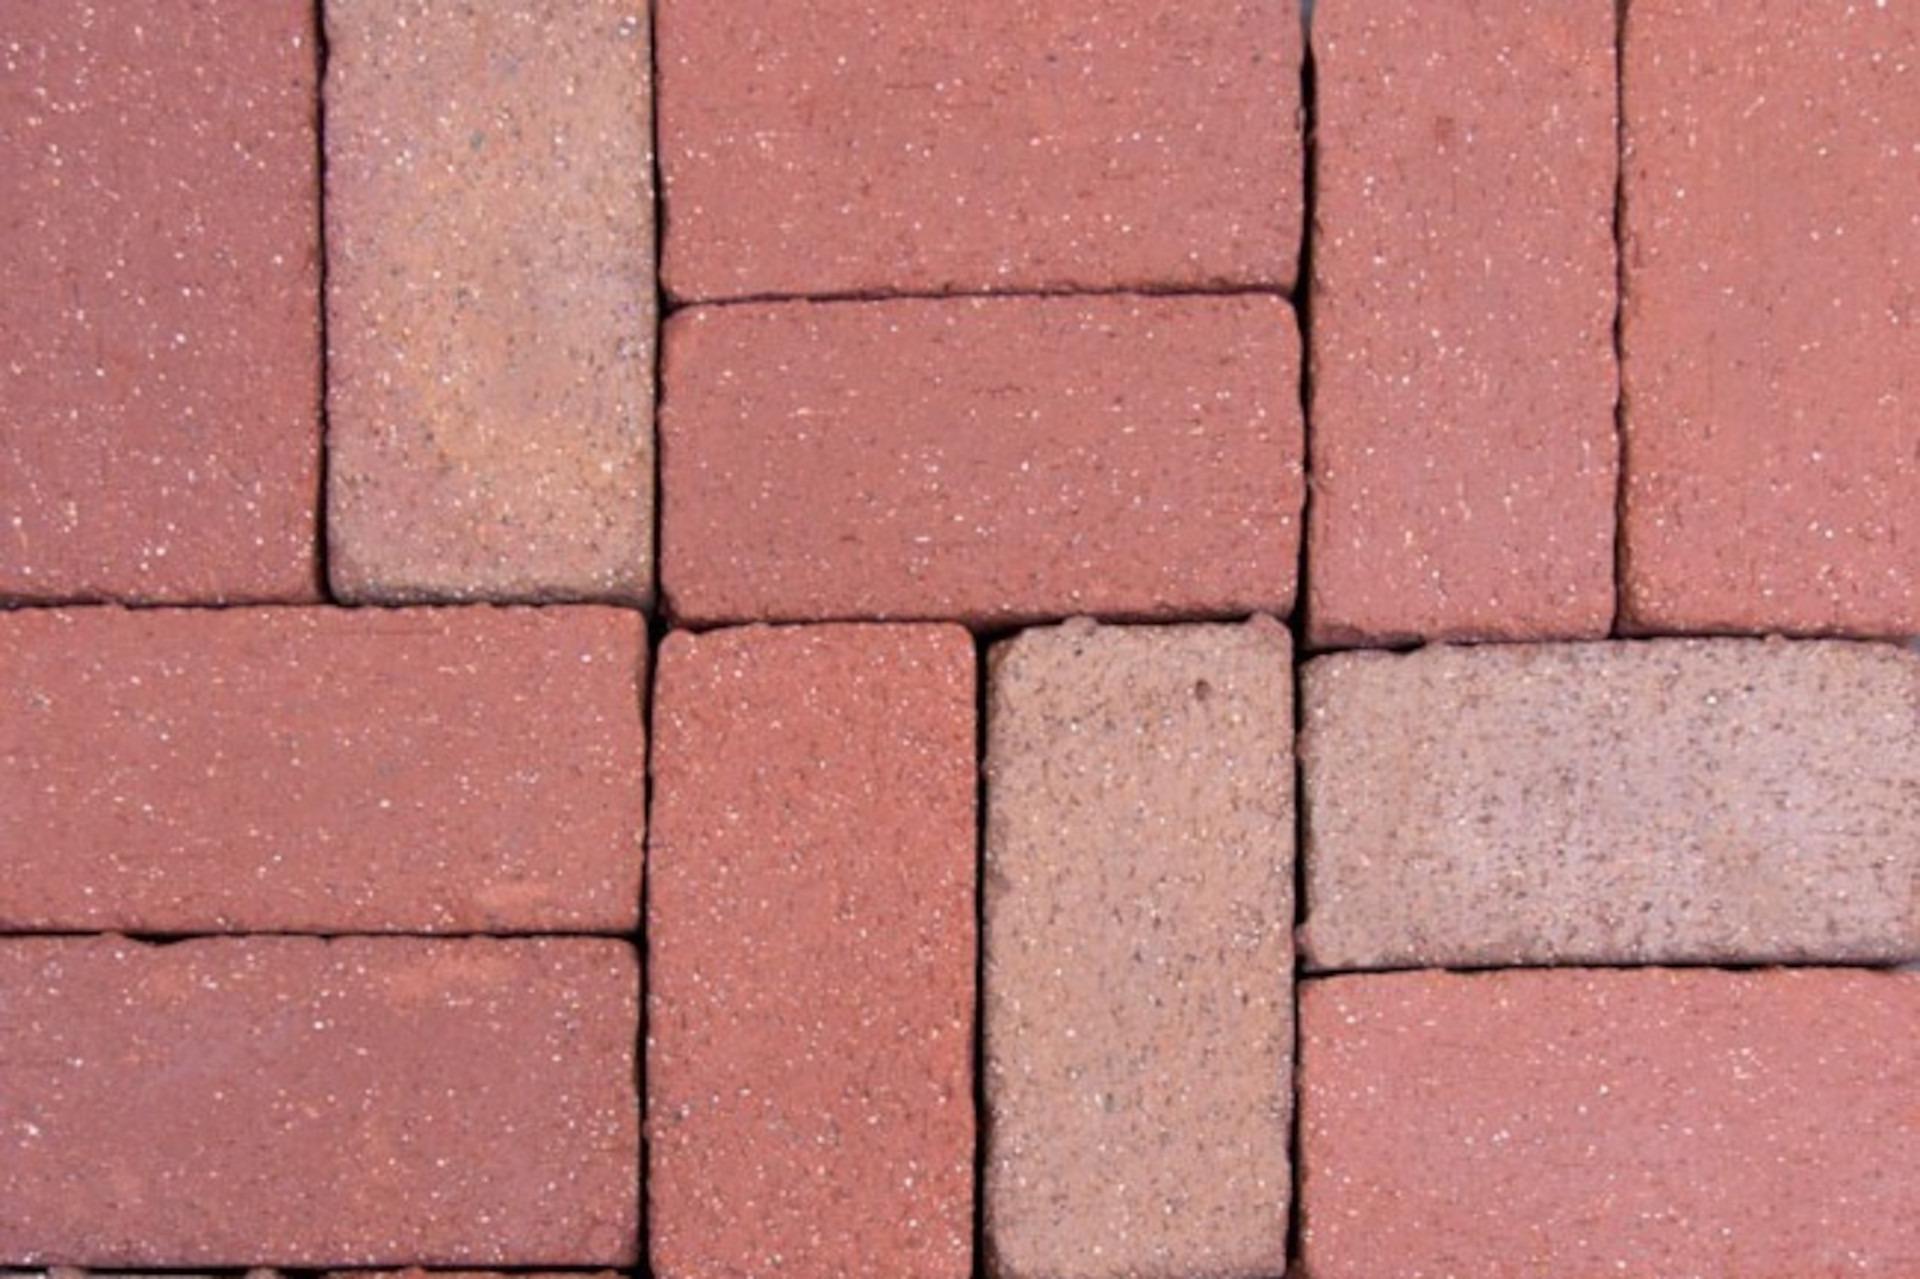 Plaza Classic Brick Pavers